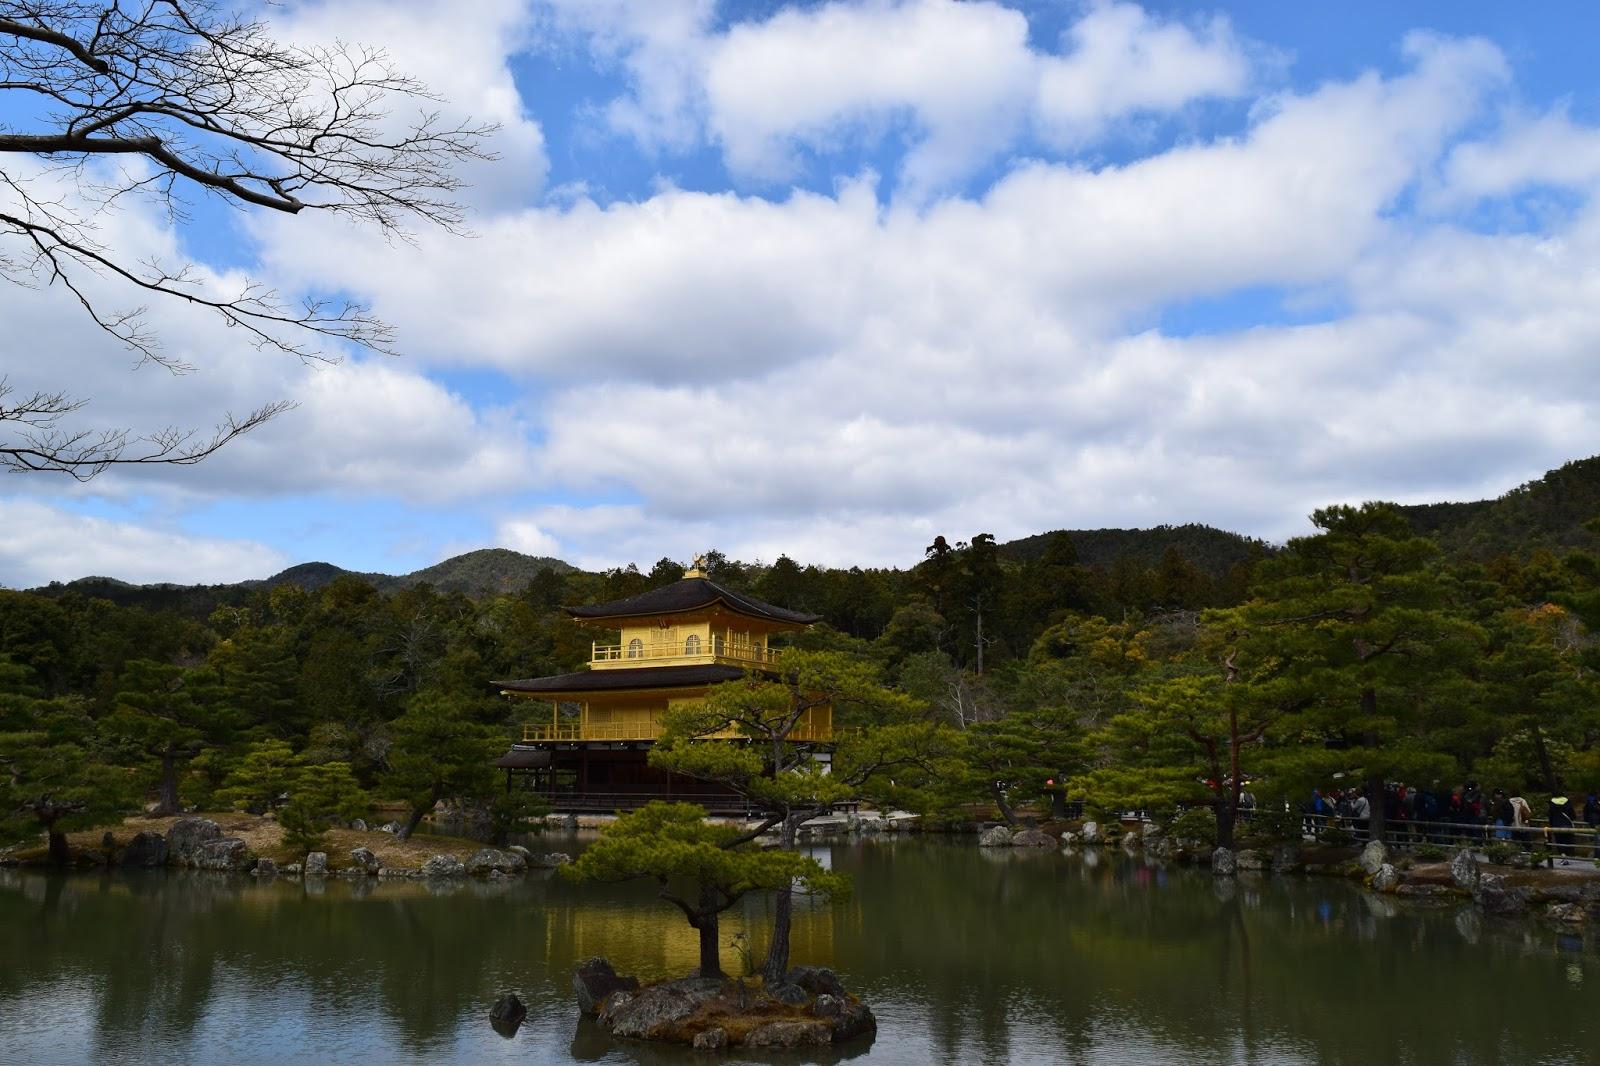 Kinkakuji, spring